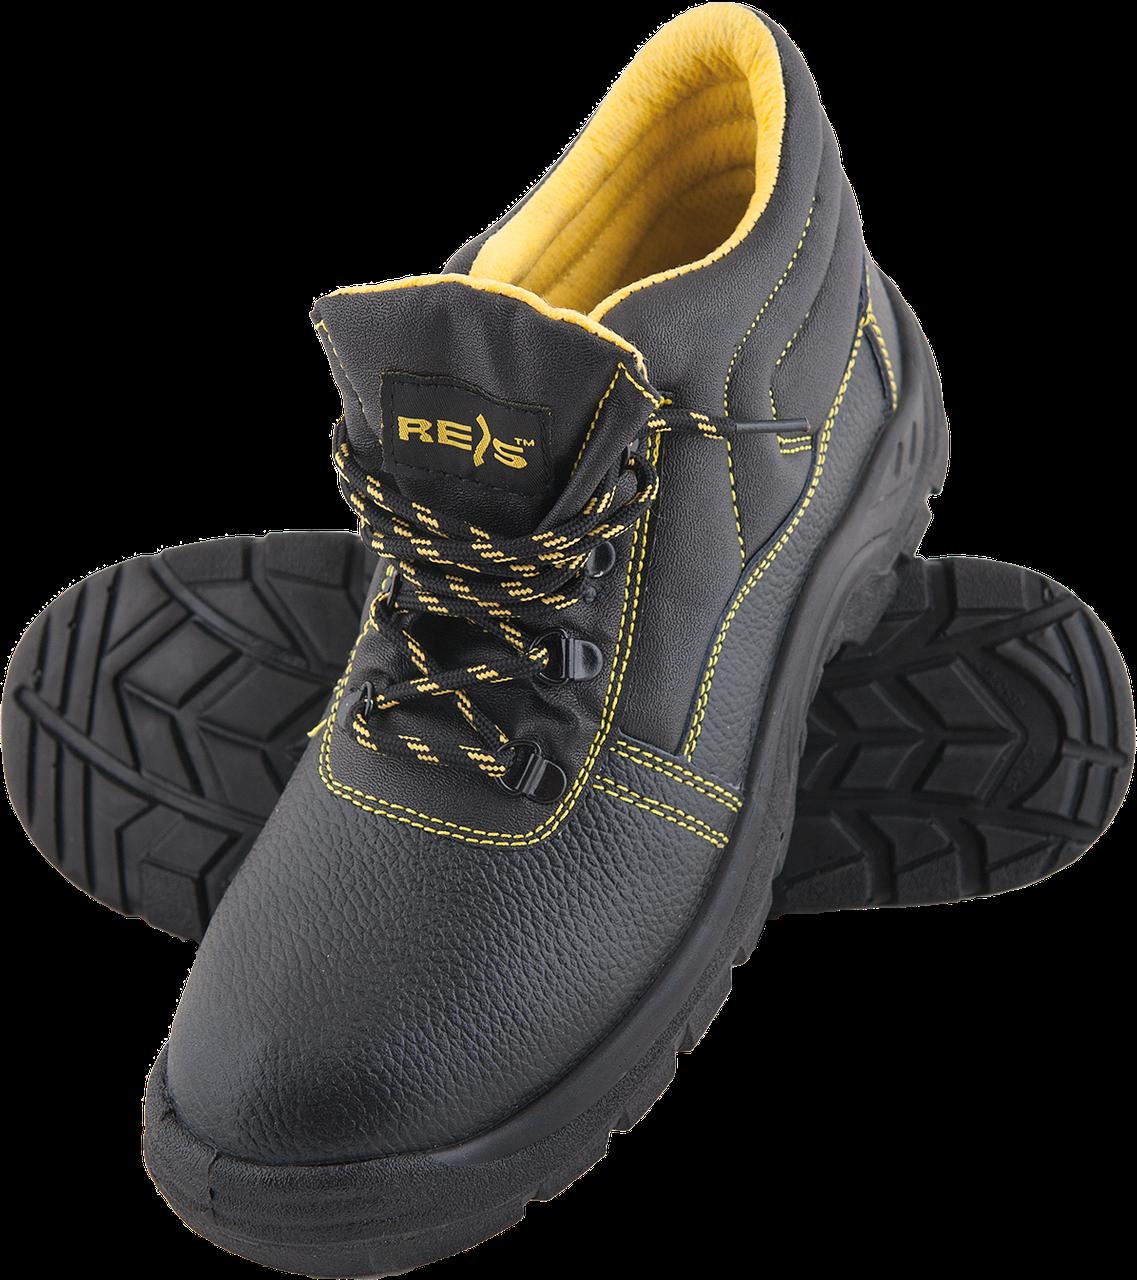 Рабочая обувь BRYES-T-S1 BY противоскользящая унисекс Reis Польша (спецобувь)